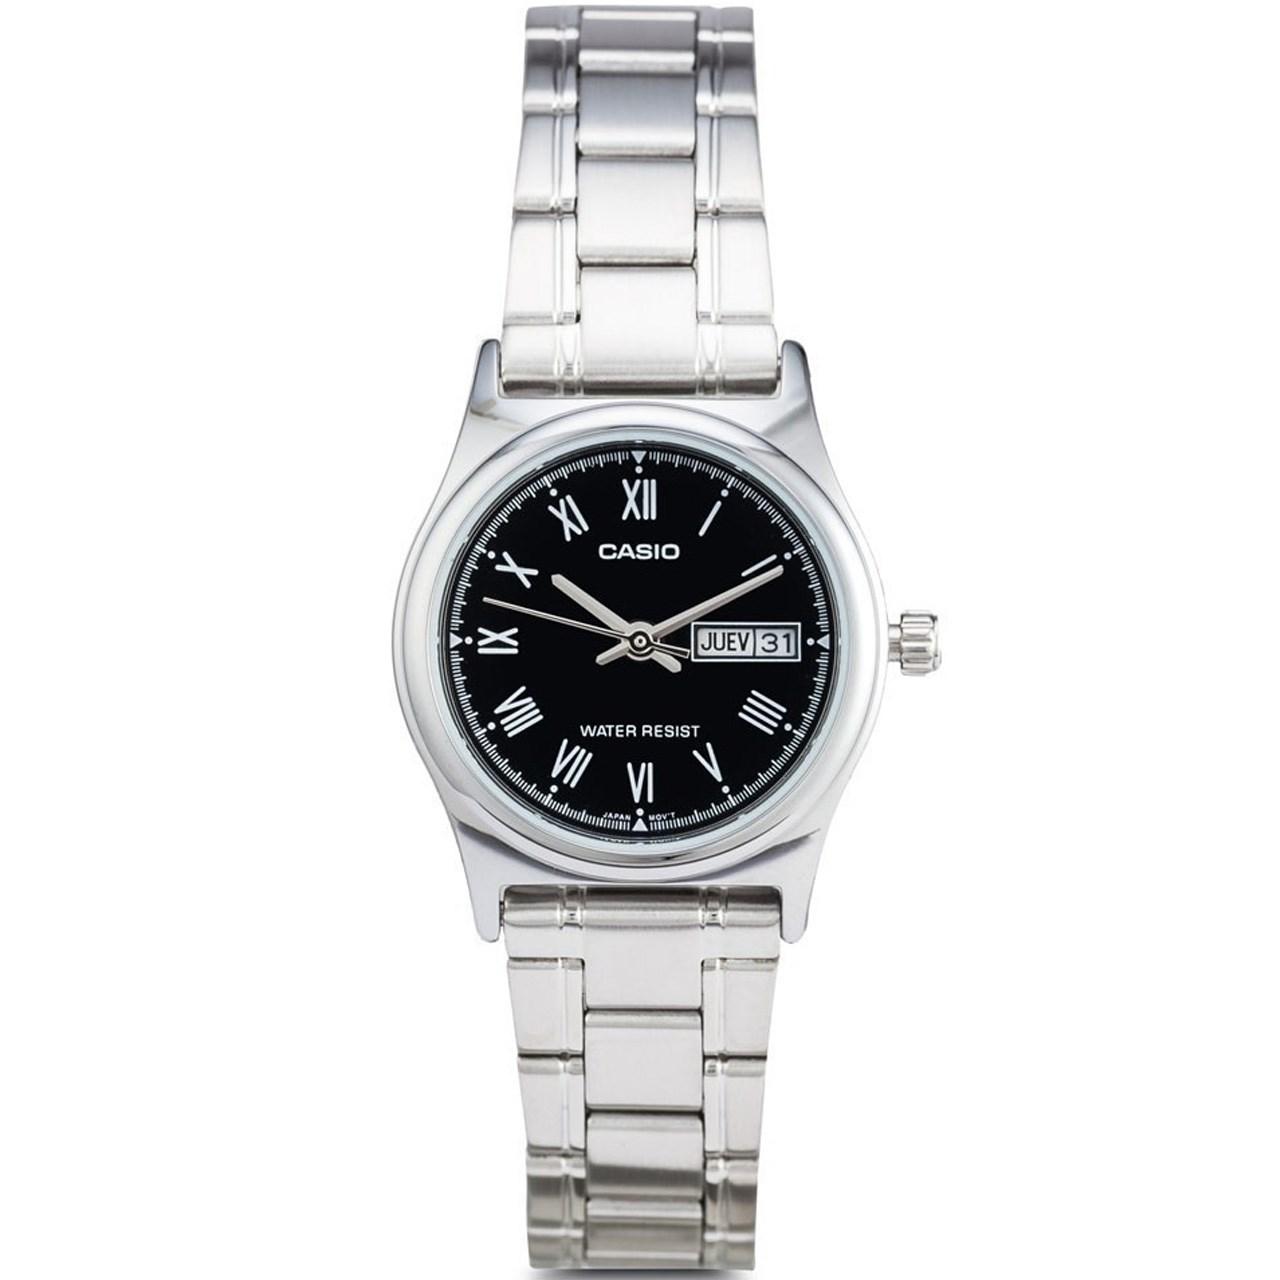 خرید ساعت مچی عقربه ای زنانه کاسیو مدل LTP-V006D-1BUDF